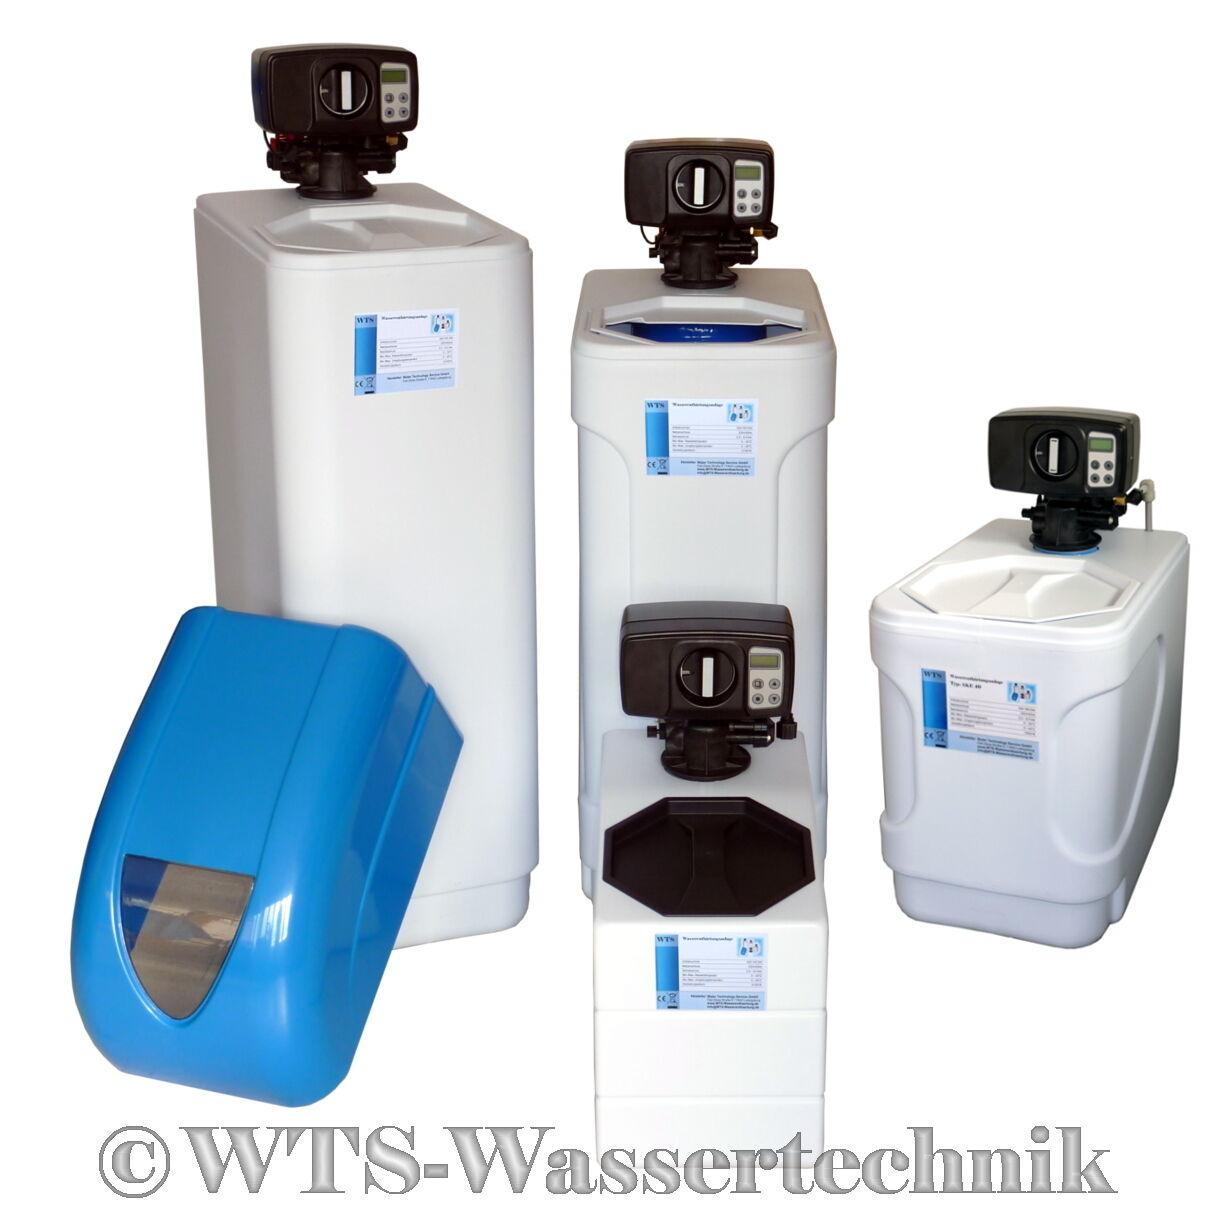 AKE12-120 Wasserenthärtungsanlage Wasserenthärter Entkalkung Enthärtungsanlage